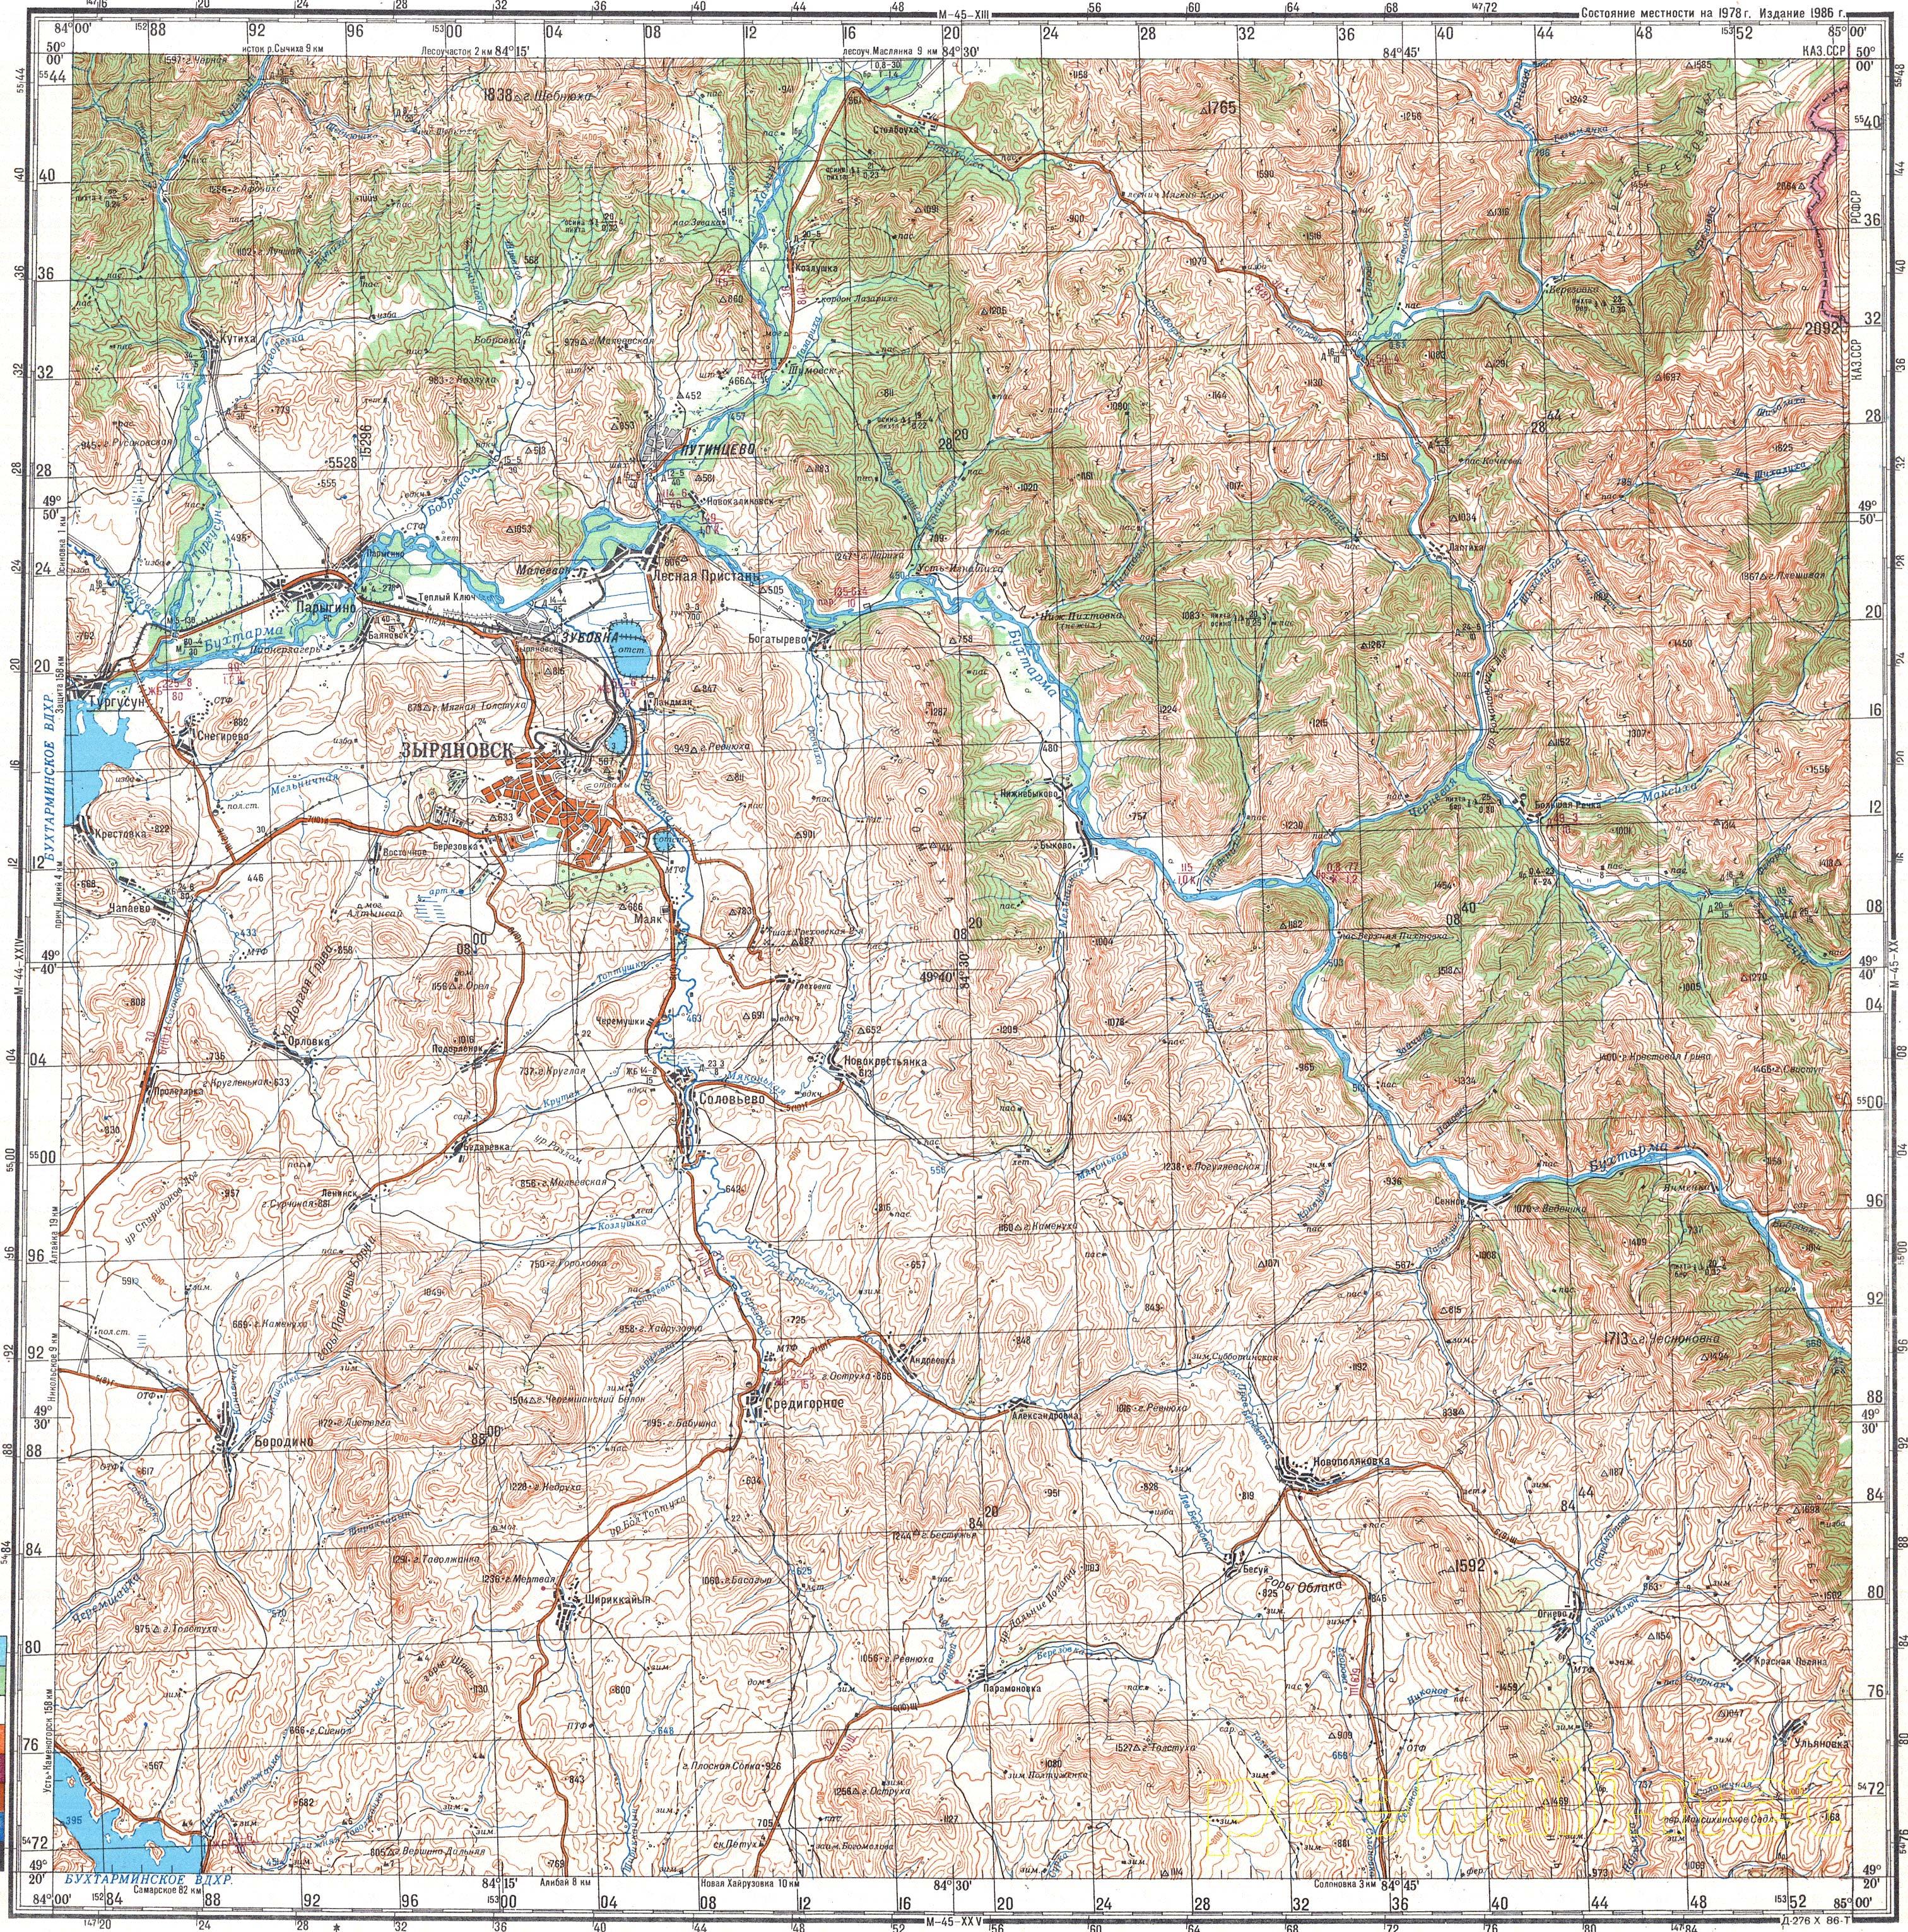 Скачать карту m-45-19 (3233 Kb)